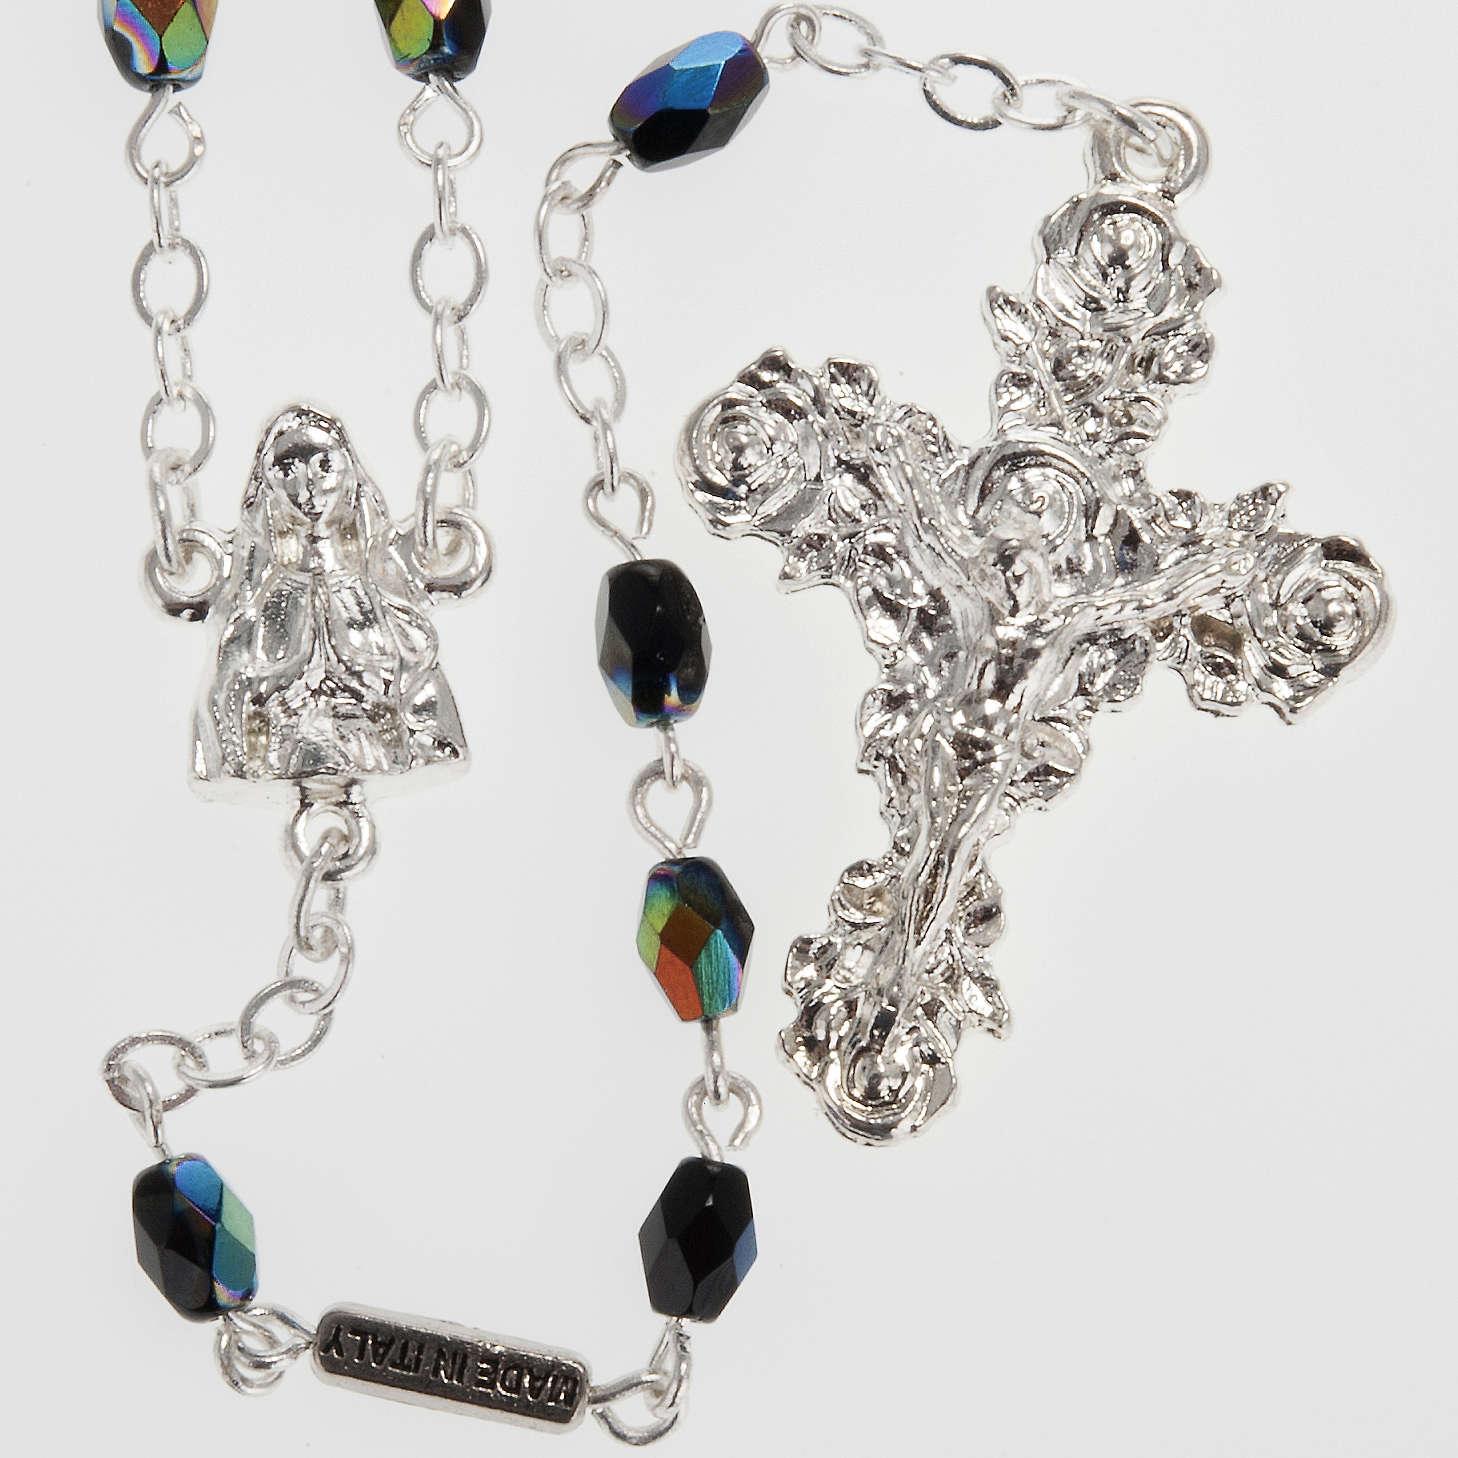 Chapelet Ghirelli Lourdes verre noir brillant 4